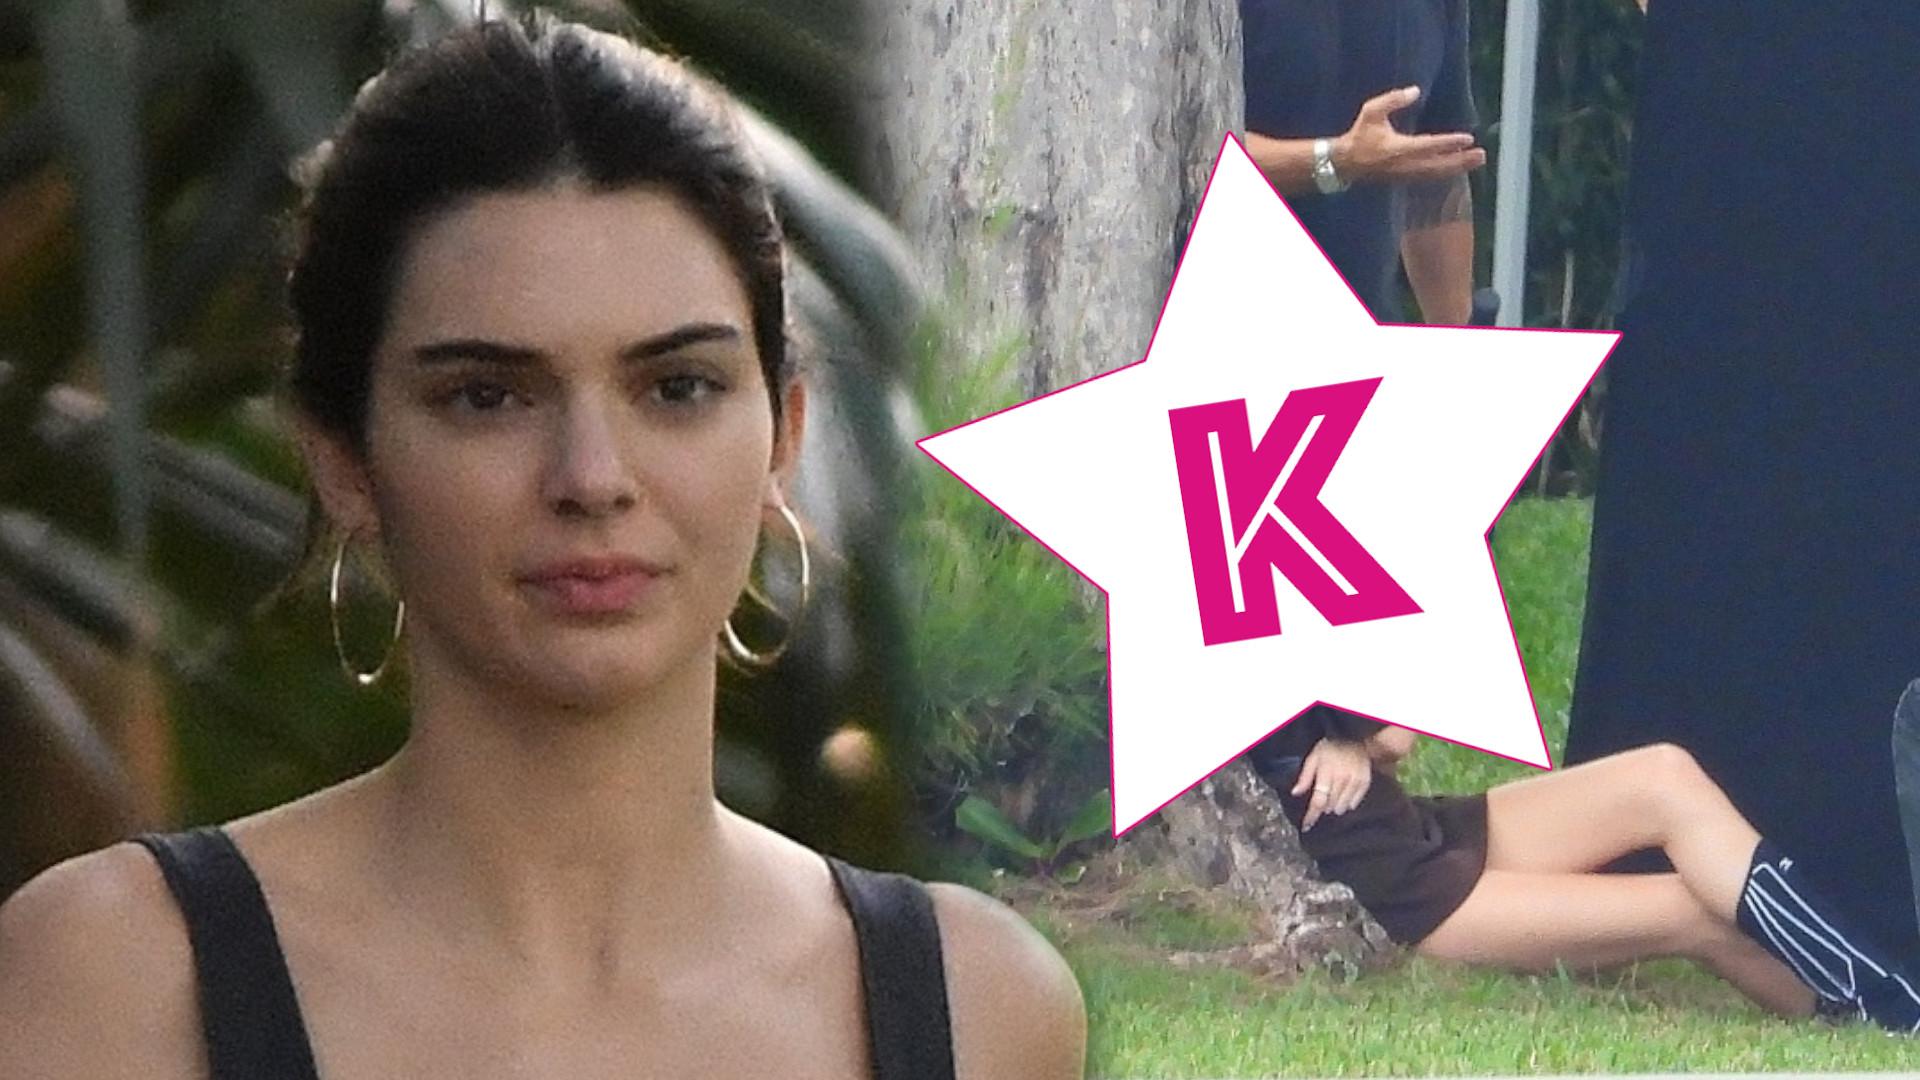 Znudzona Kendall Jenner na planie sesji zdjęciowej. Tak to wygląda od KUCHNI (ZDJĘCIA)